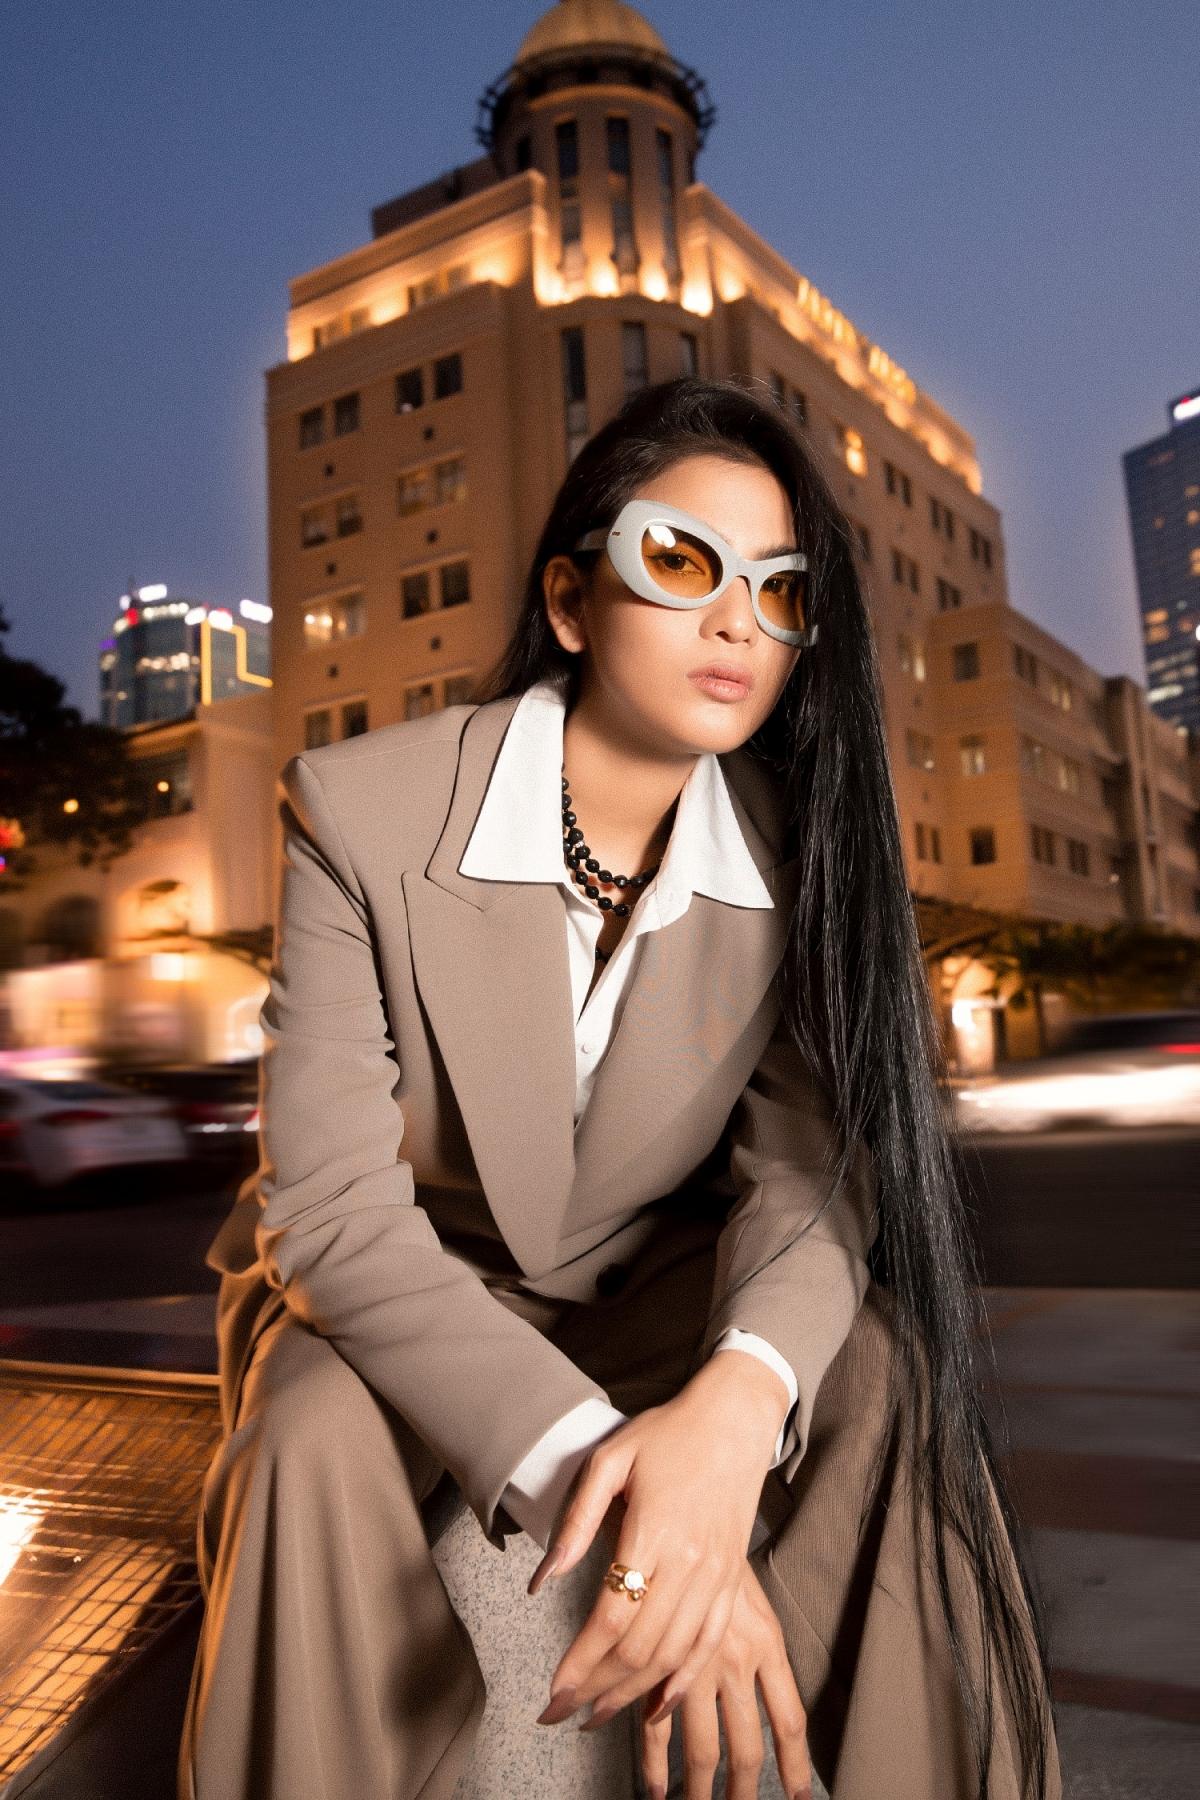 """Ngoài ra, bộ phim điện ảnh """"Kẻ đào mộ"""" mà Trương Thị May đảm nhận vai chính cũng chuẩn bị phát hành, cô đang dành thời gian chuẩn bị đồng hành cùng ekip cho những đợt quảng bá sắp tới.Đây là sự trở lại hiếm hoi của Trương Thị May ở lĩnh vực điện ảnh."""